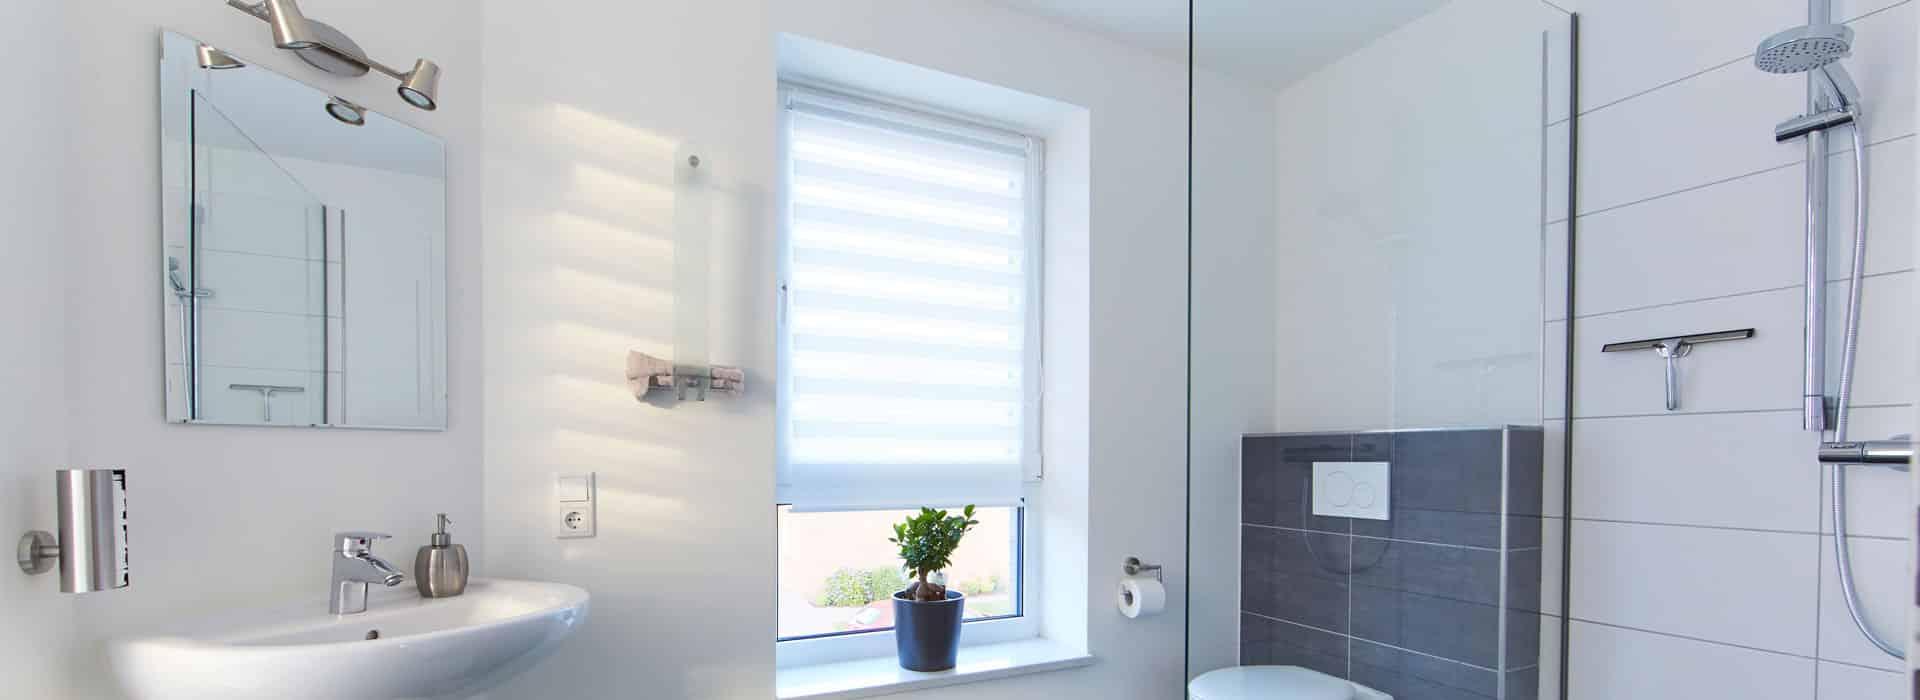 Das Badezimmer mit Dusche, Wc, Spiegelschrank über dem Waschbecken und einem Fenster.